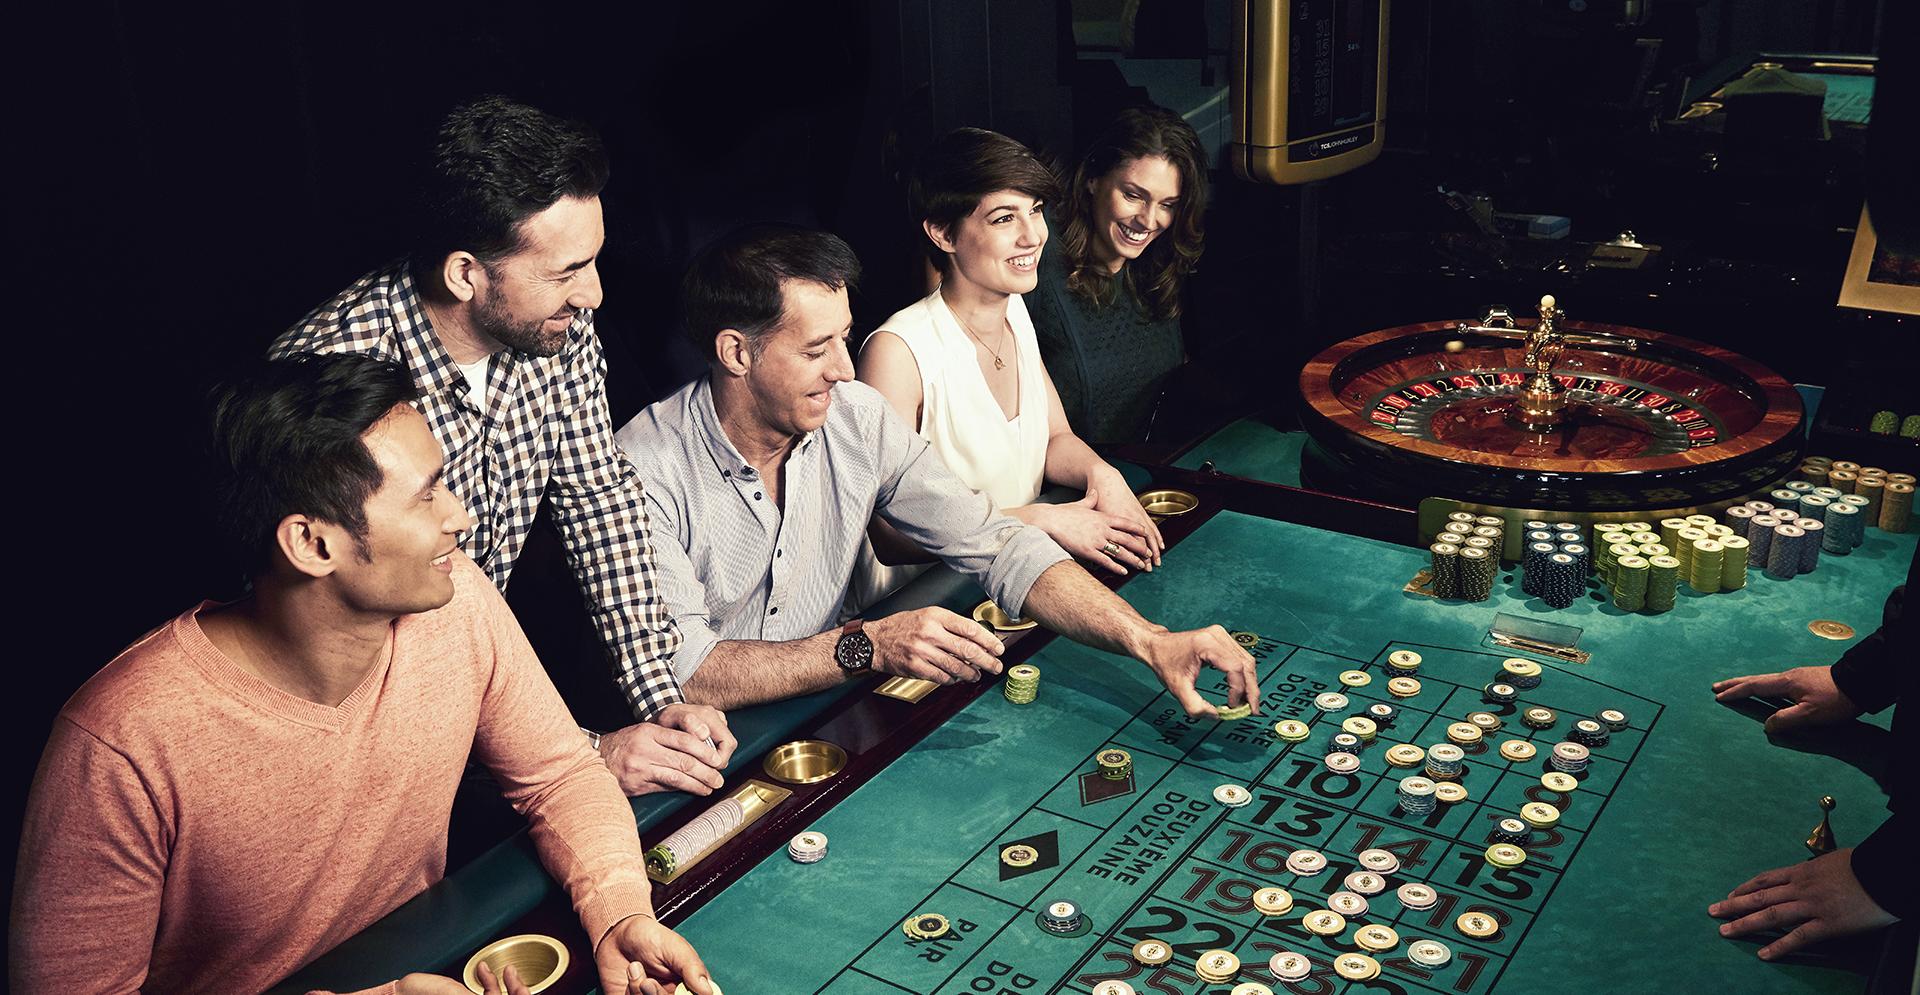 песня жизнь казино ставки сделаны давно